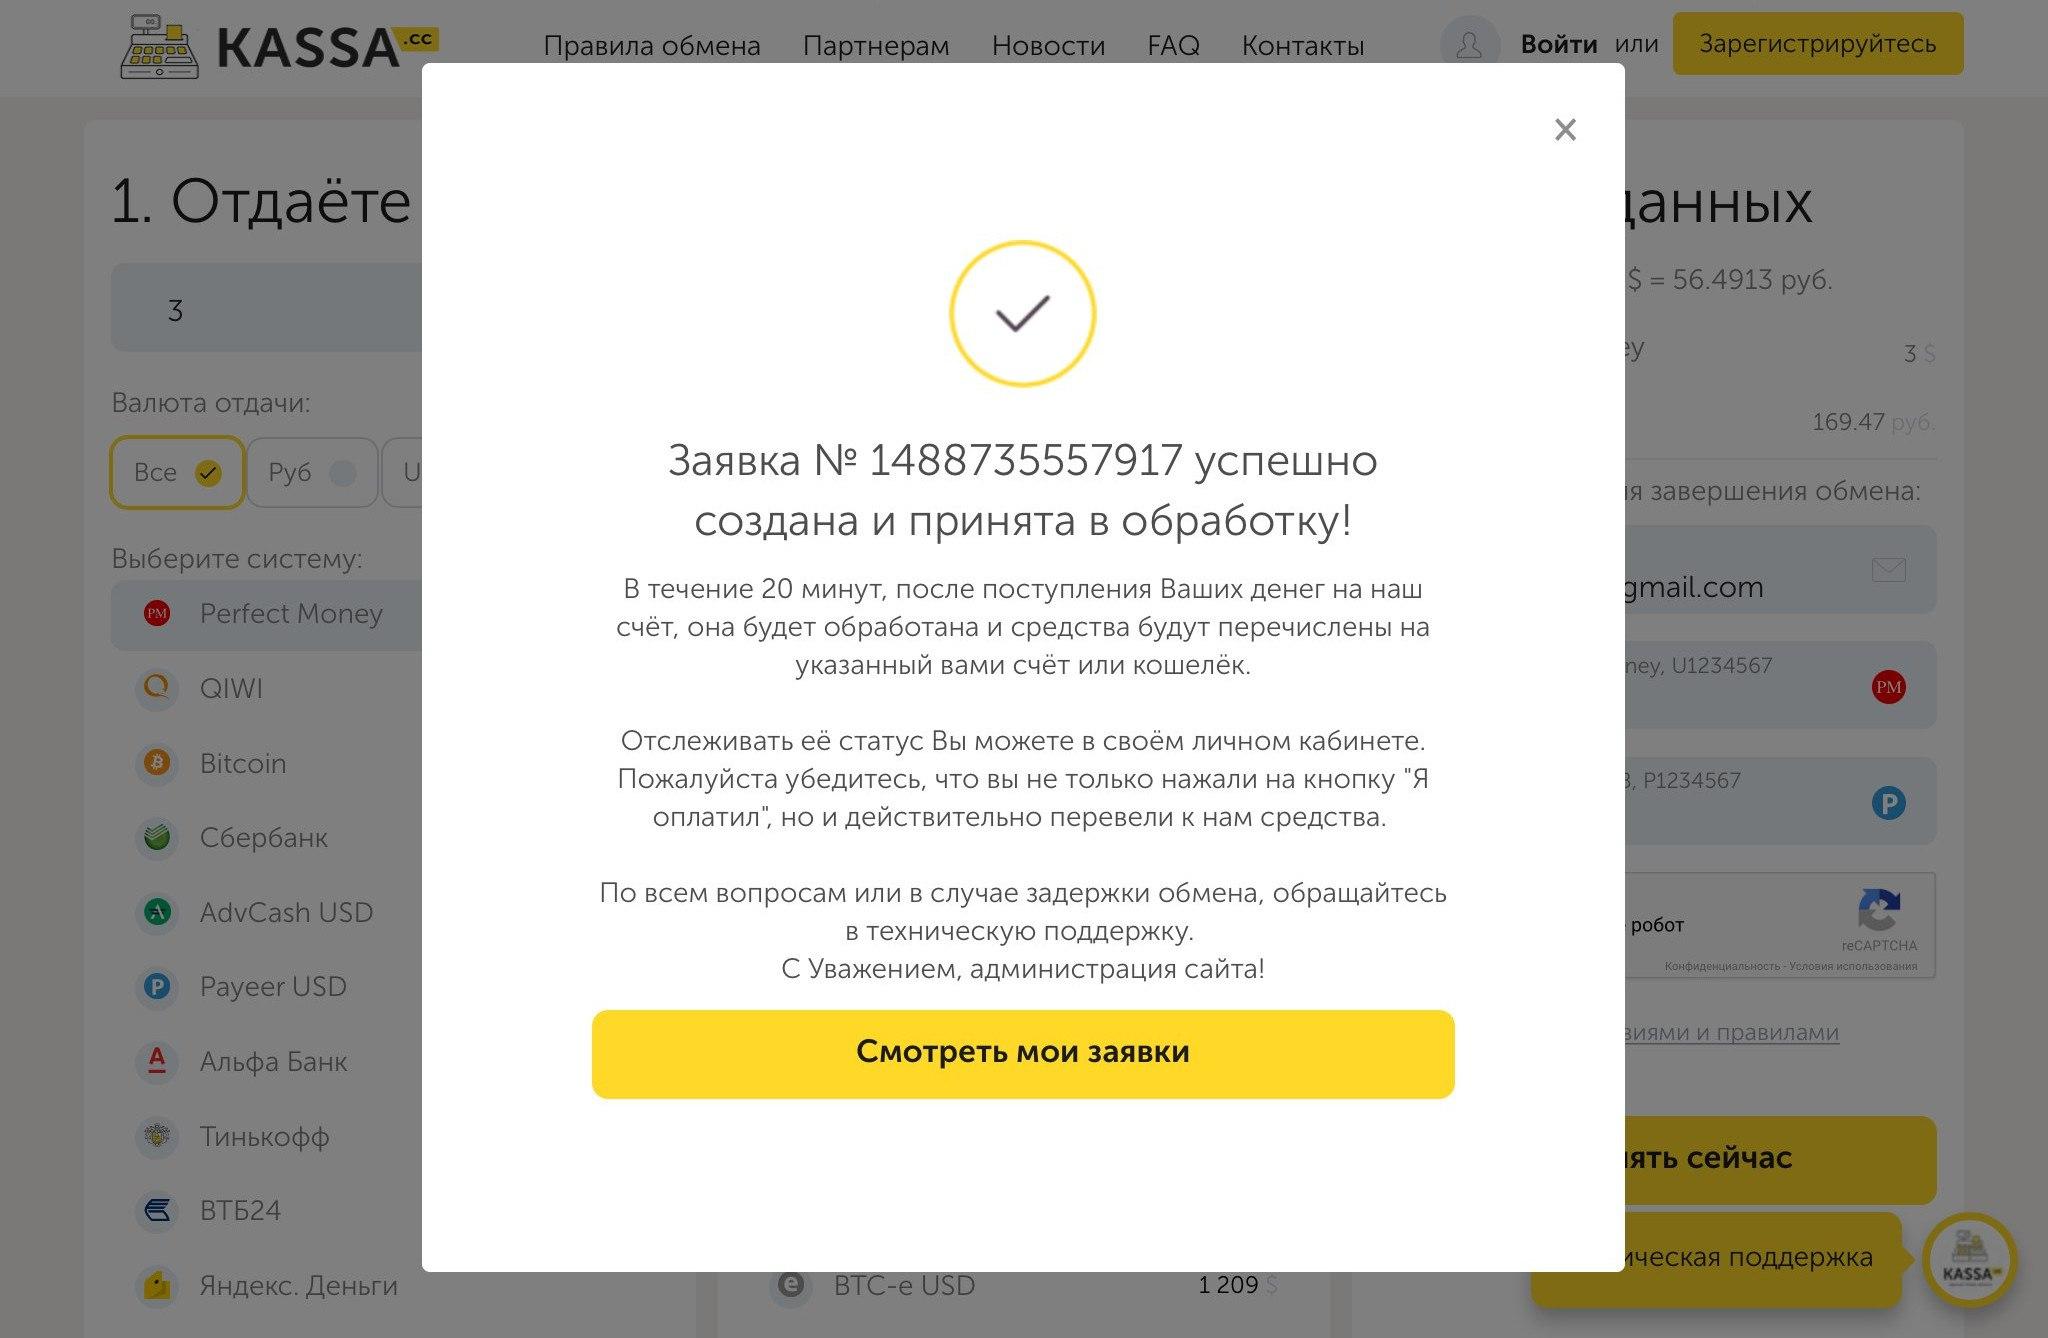 Kassa.cc - единый обмен валюты. Обмен Perfect Money USD на Payeer RUB